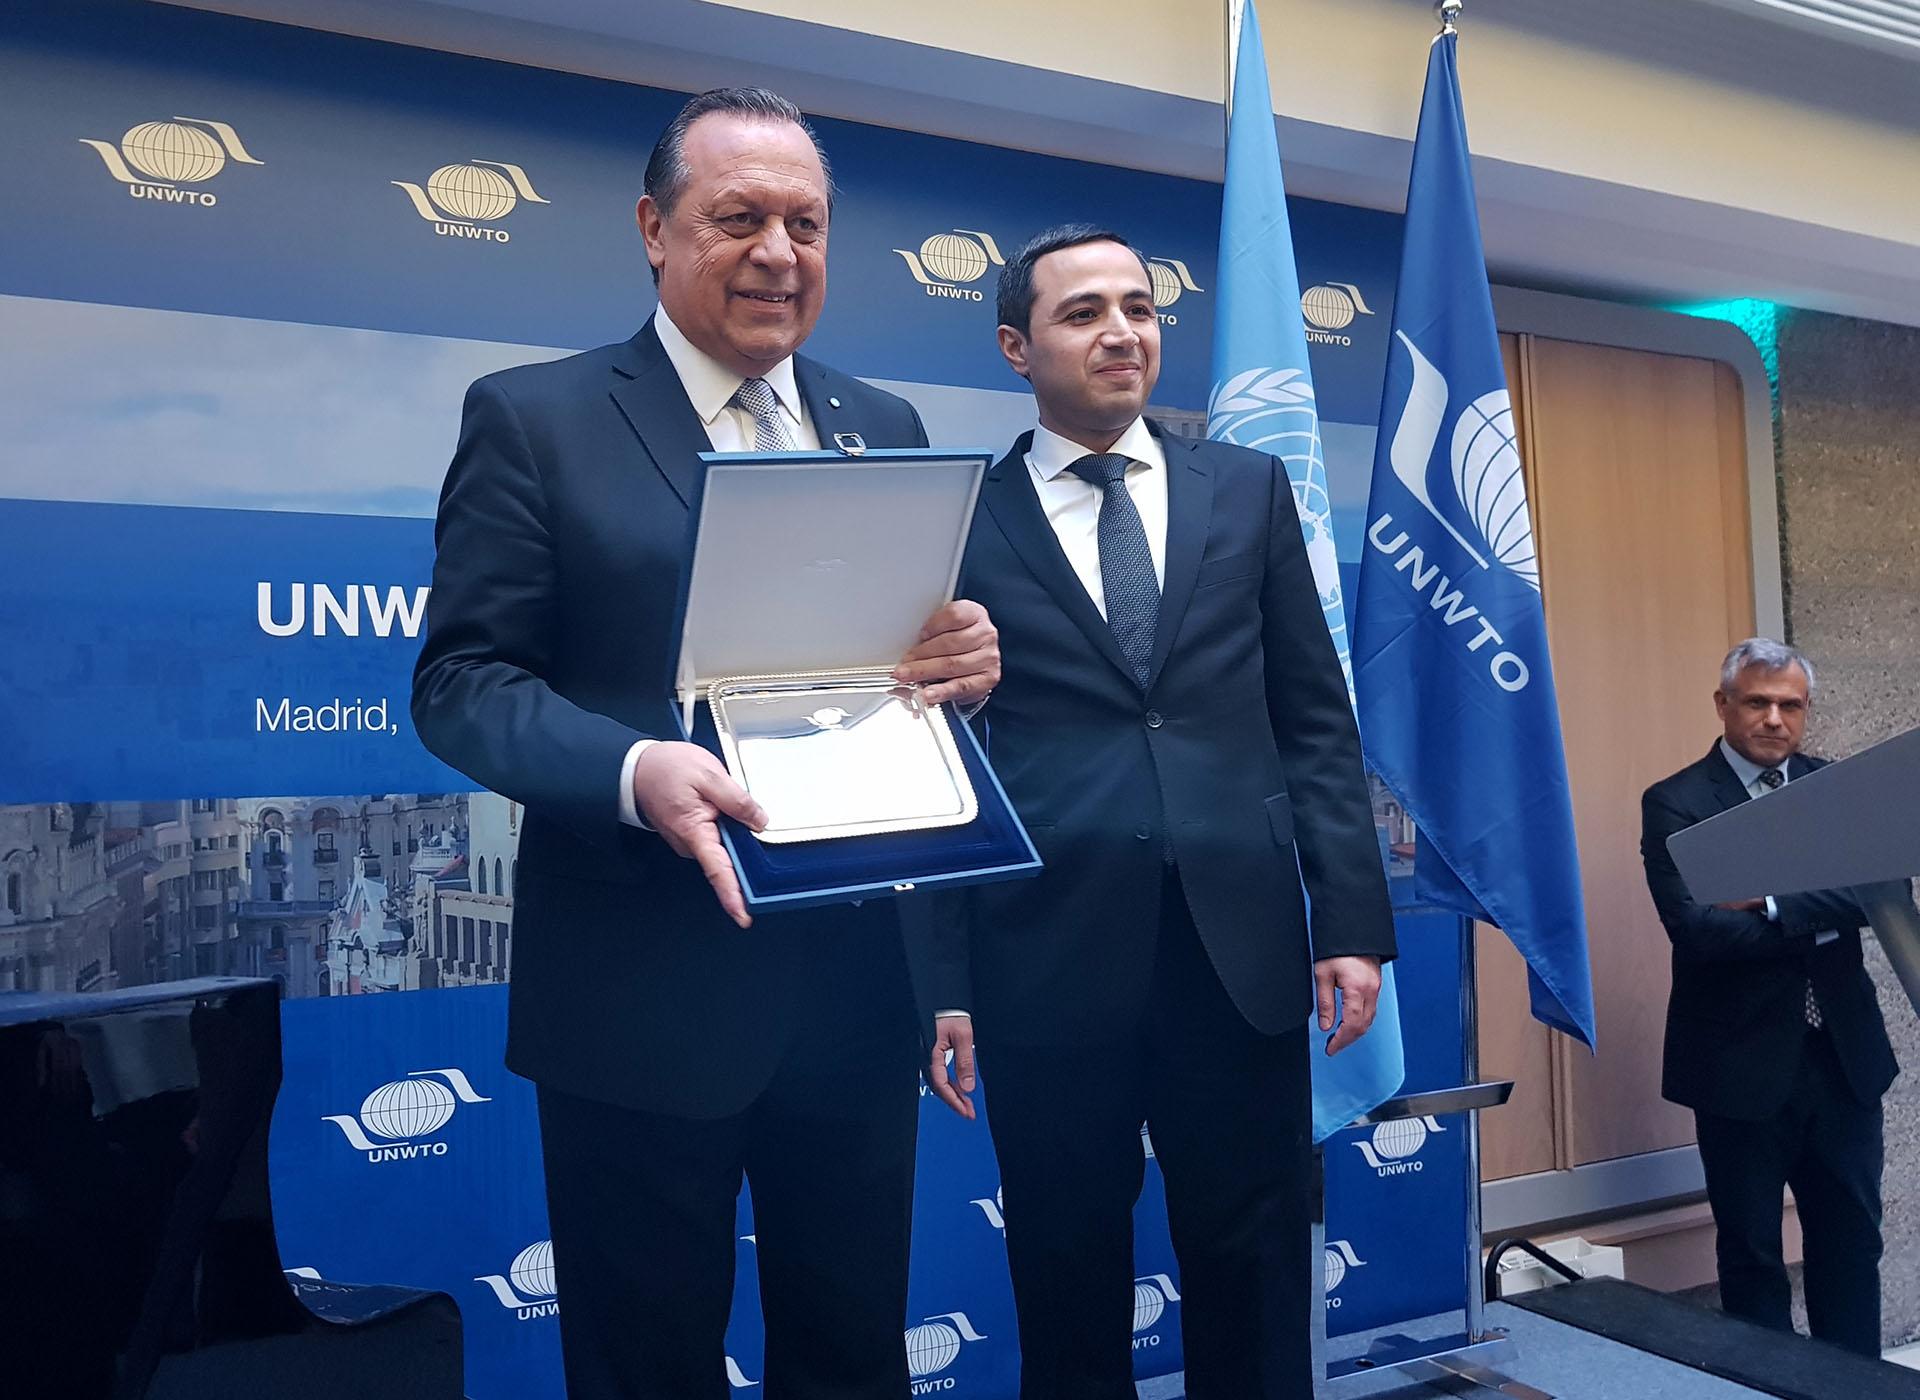 Distinción especial: en la cena de Ministros de Turismo de la OMT, Gustavo Santos fue reconocido por la elección de la Argentina a cargo de la presidencia del Consejo Ejecutivo de dicho organismo.